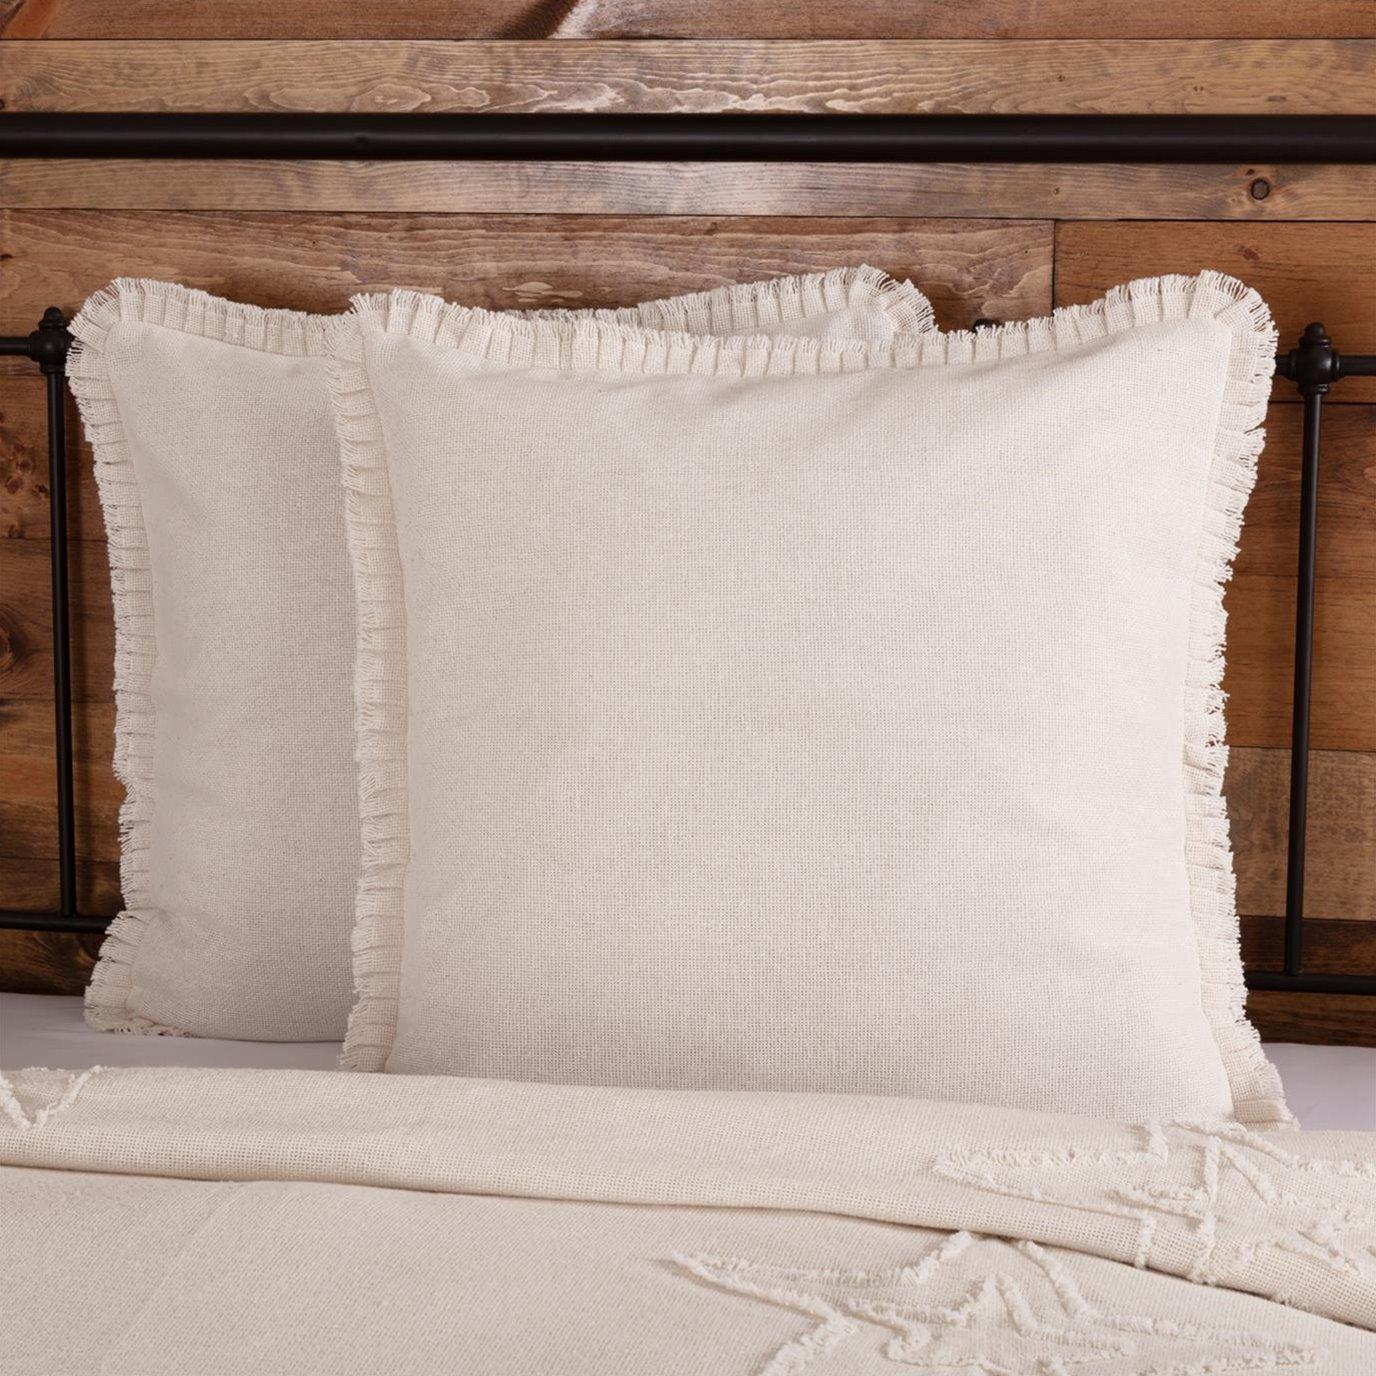 Burlap Antique White Fabric Euro Sham w/ Fringed Ruffle 26x26